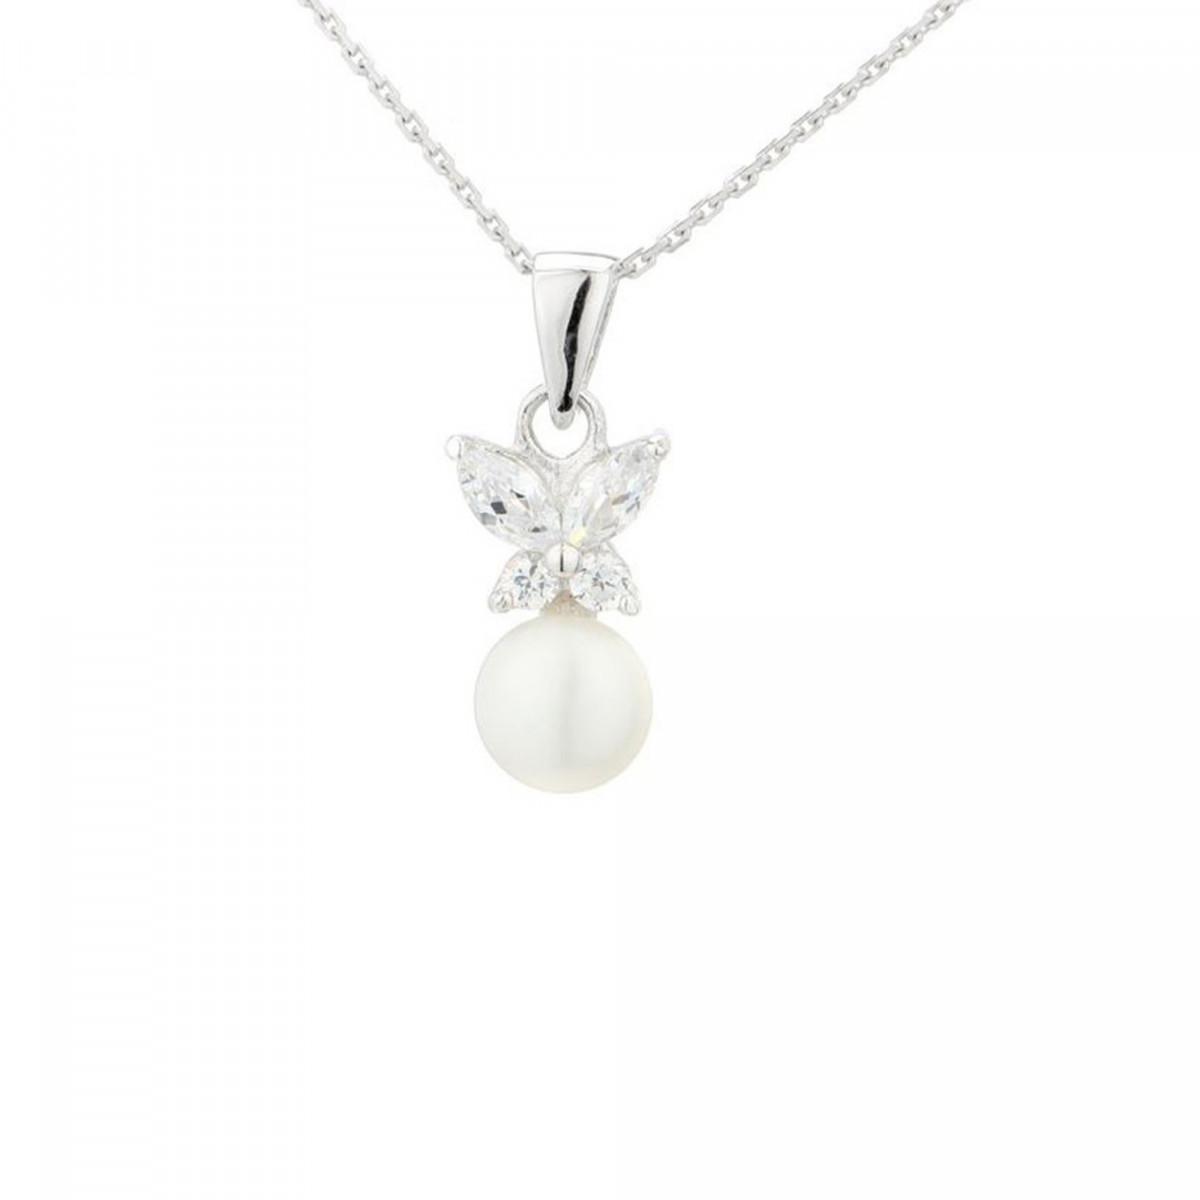 Pendentif + Chaîne papillons pearls en perles de culture blanche et argent 925